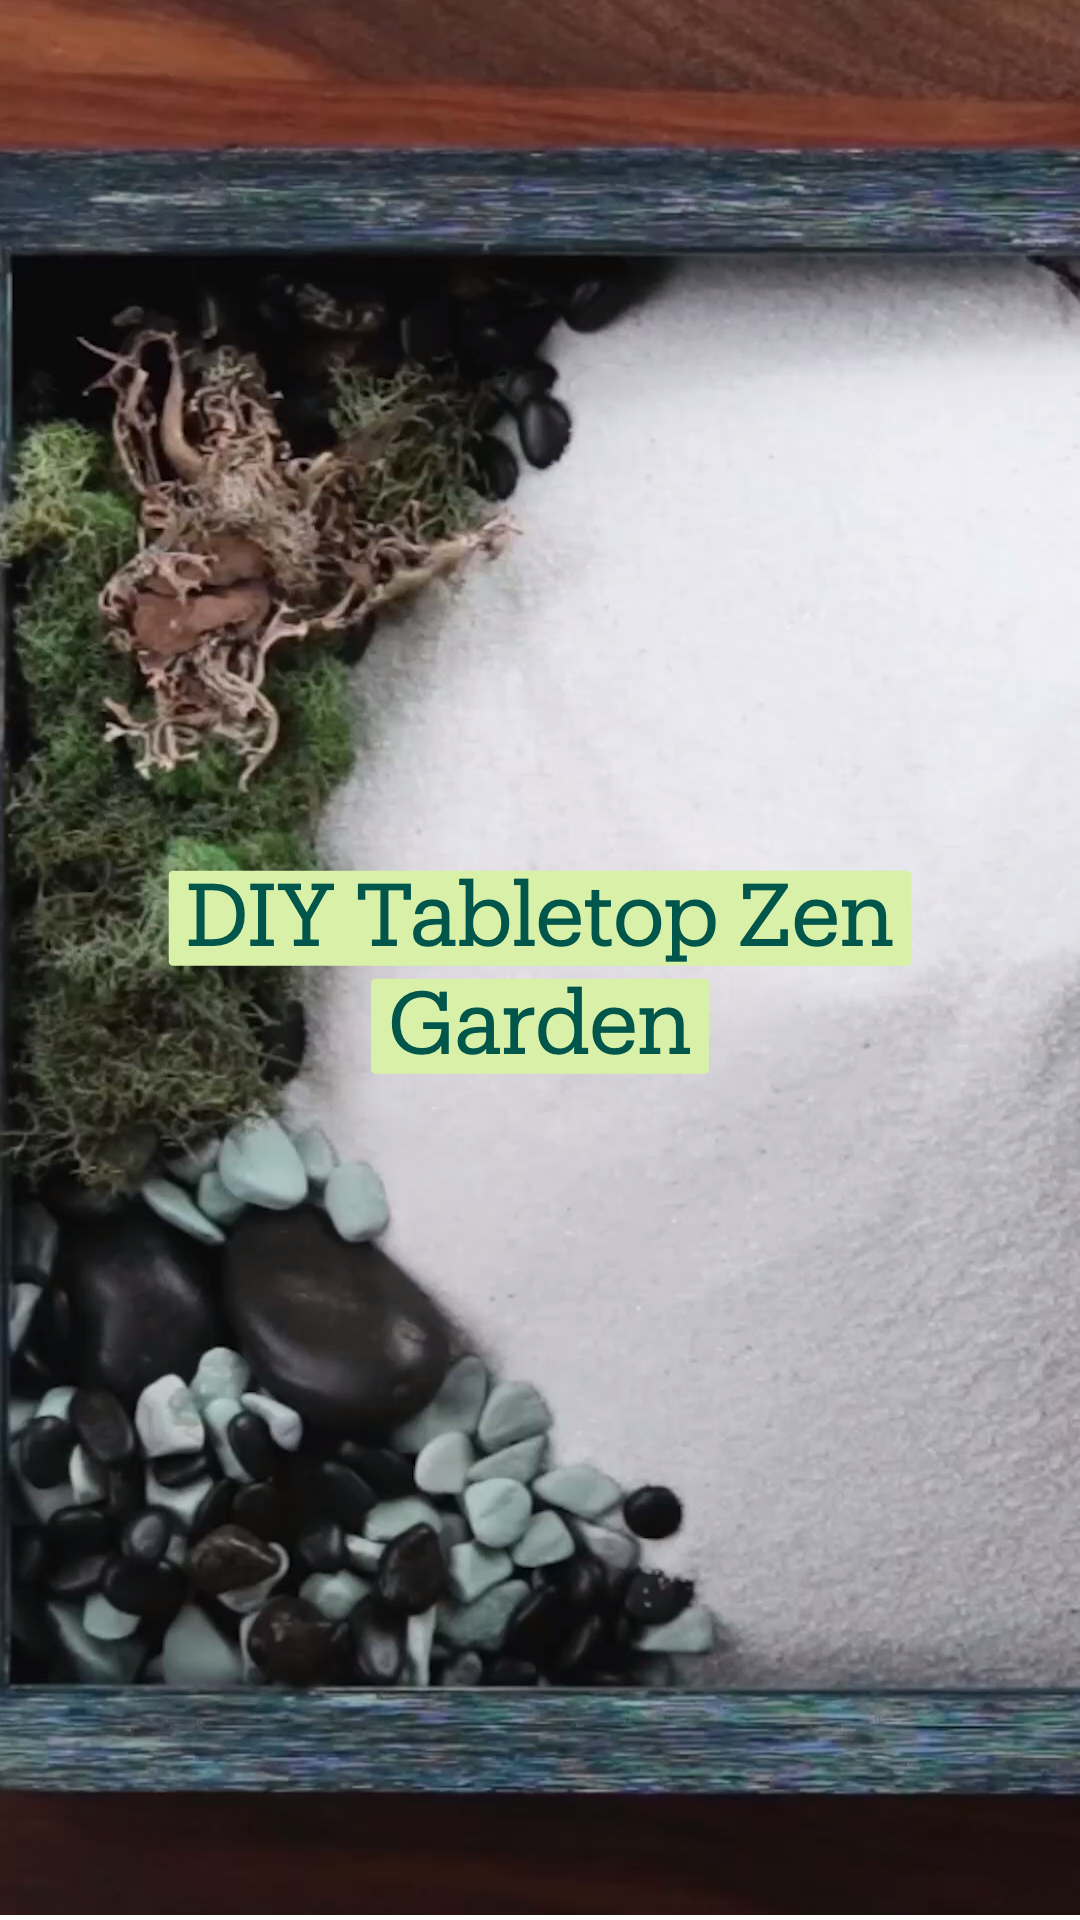 DIY Tabletop Zen Garden